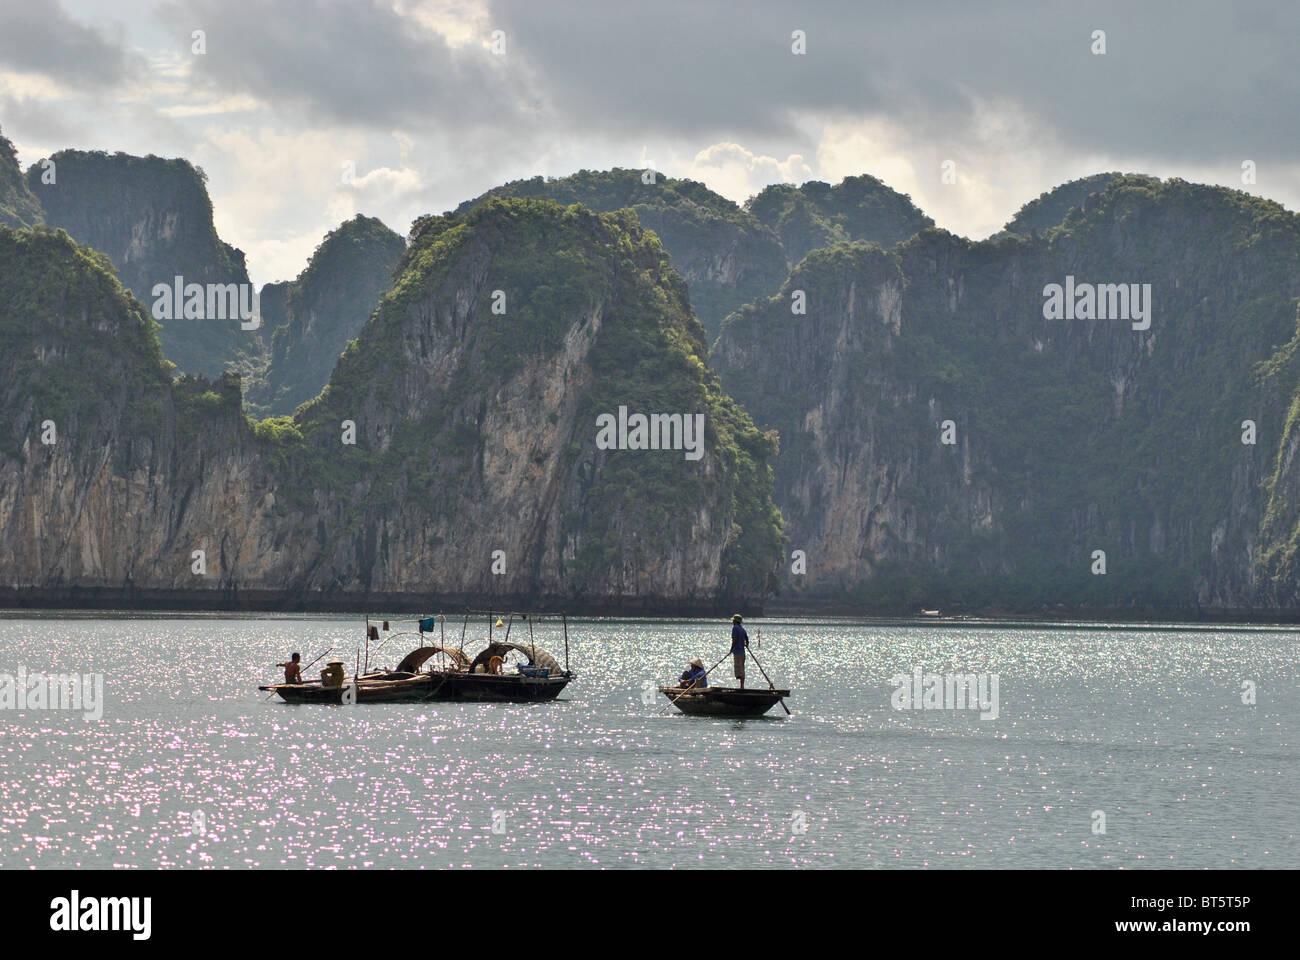 Boote in der Halong Bay am Abend, Vietnam Stockfoto